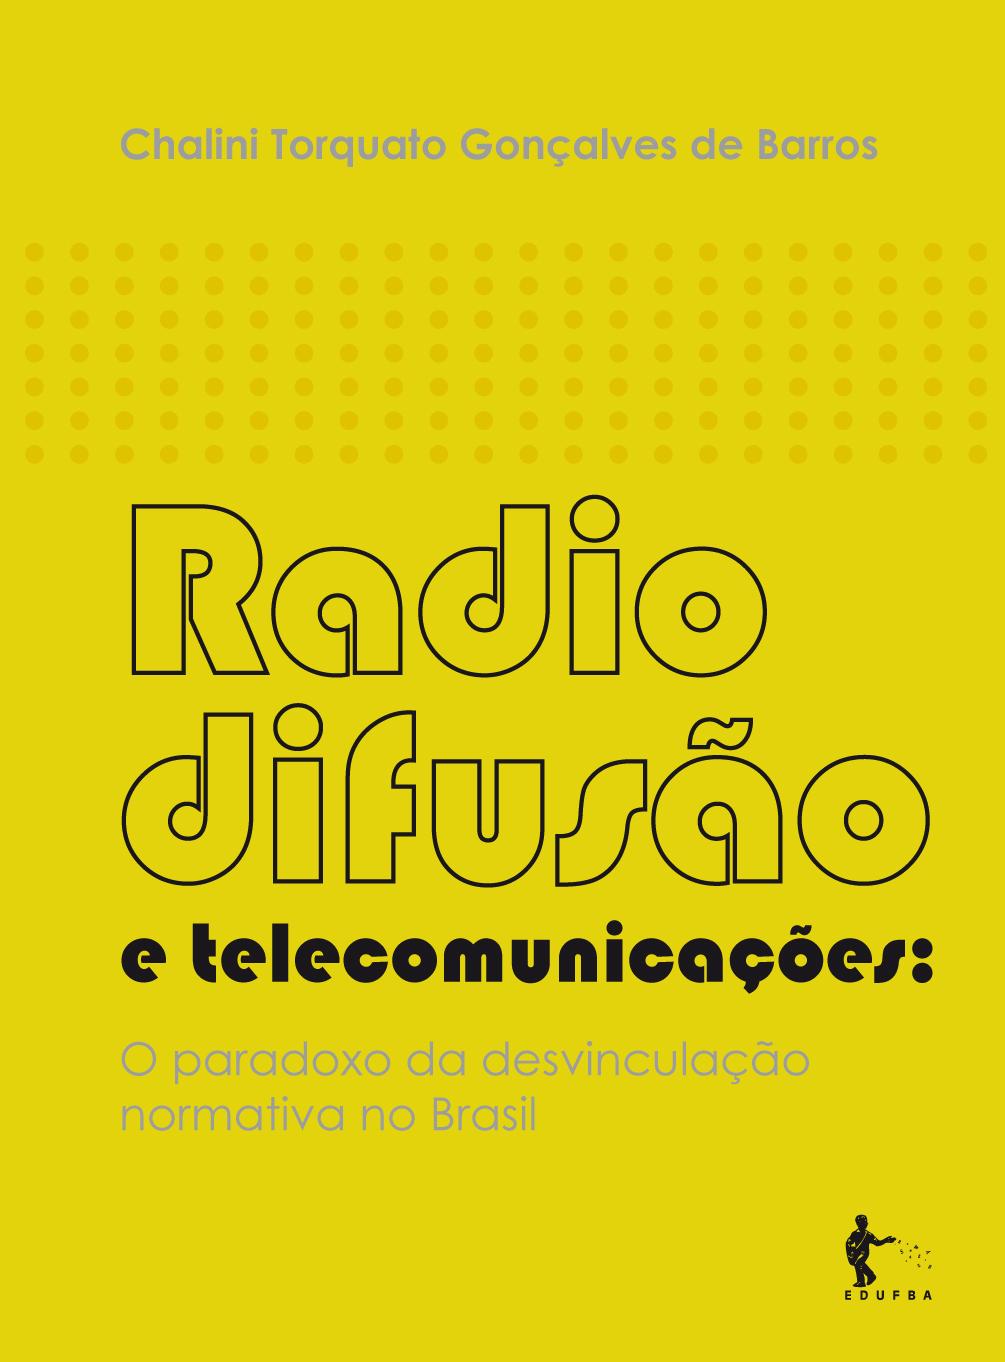 Radiodifusão e telecomunicações - O paradoxo da desvinculação normativa no Brasil, livro de Chalini Torquato Gonçalves de Barros